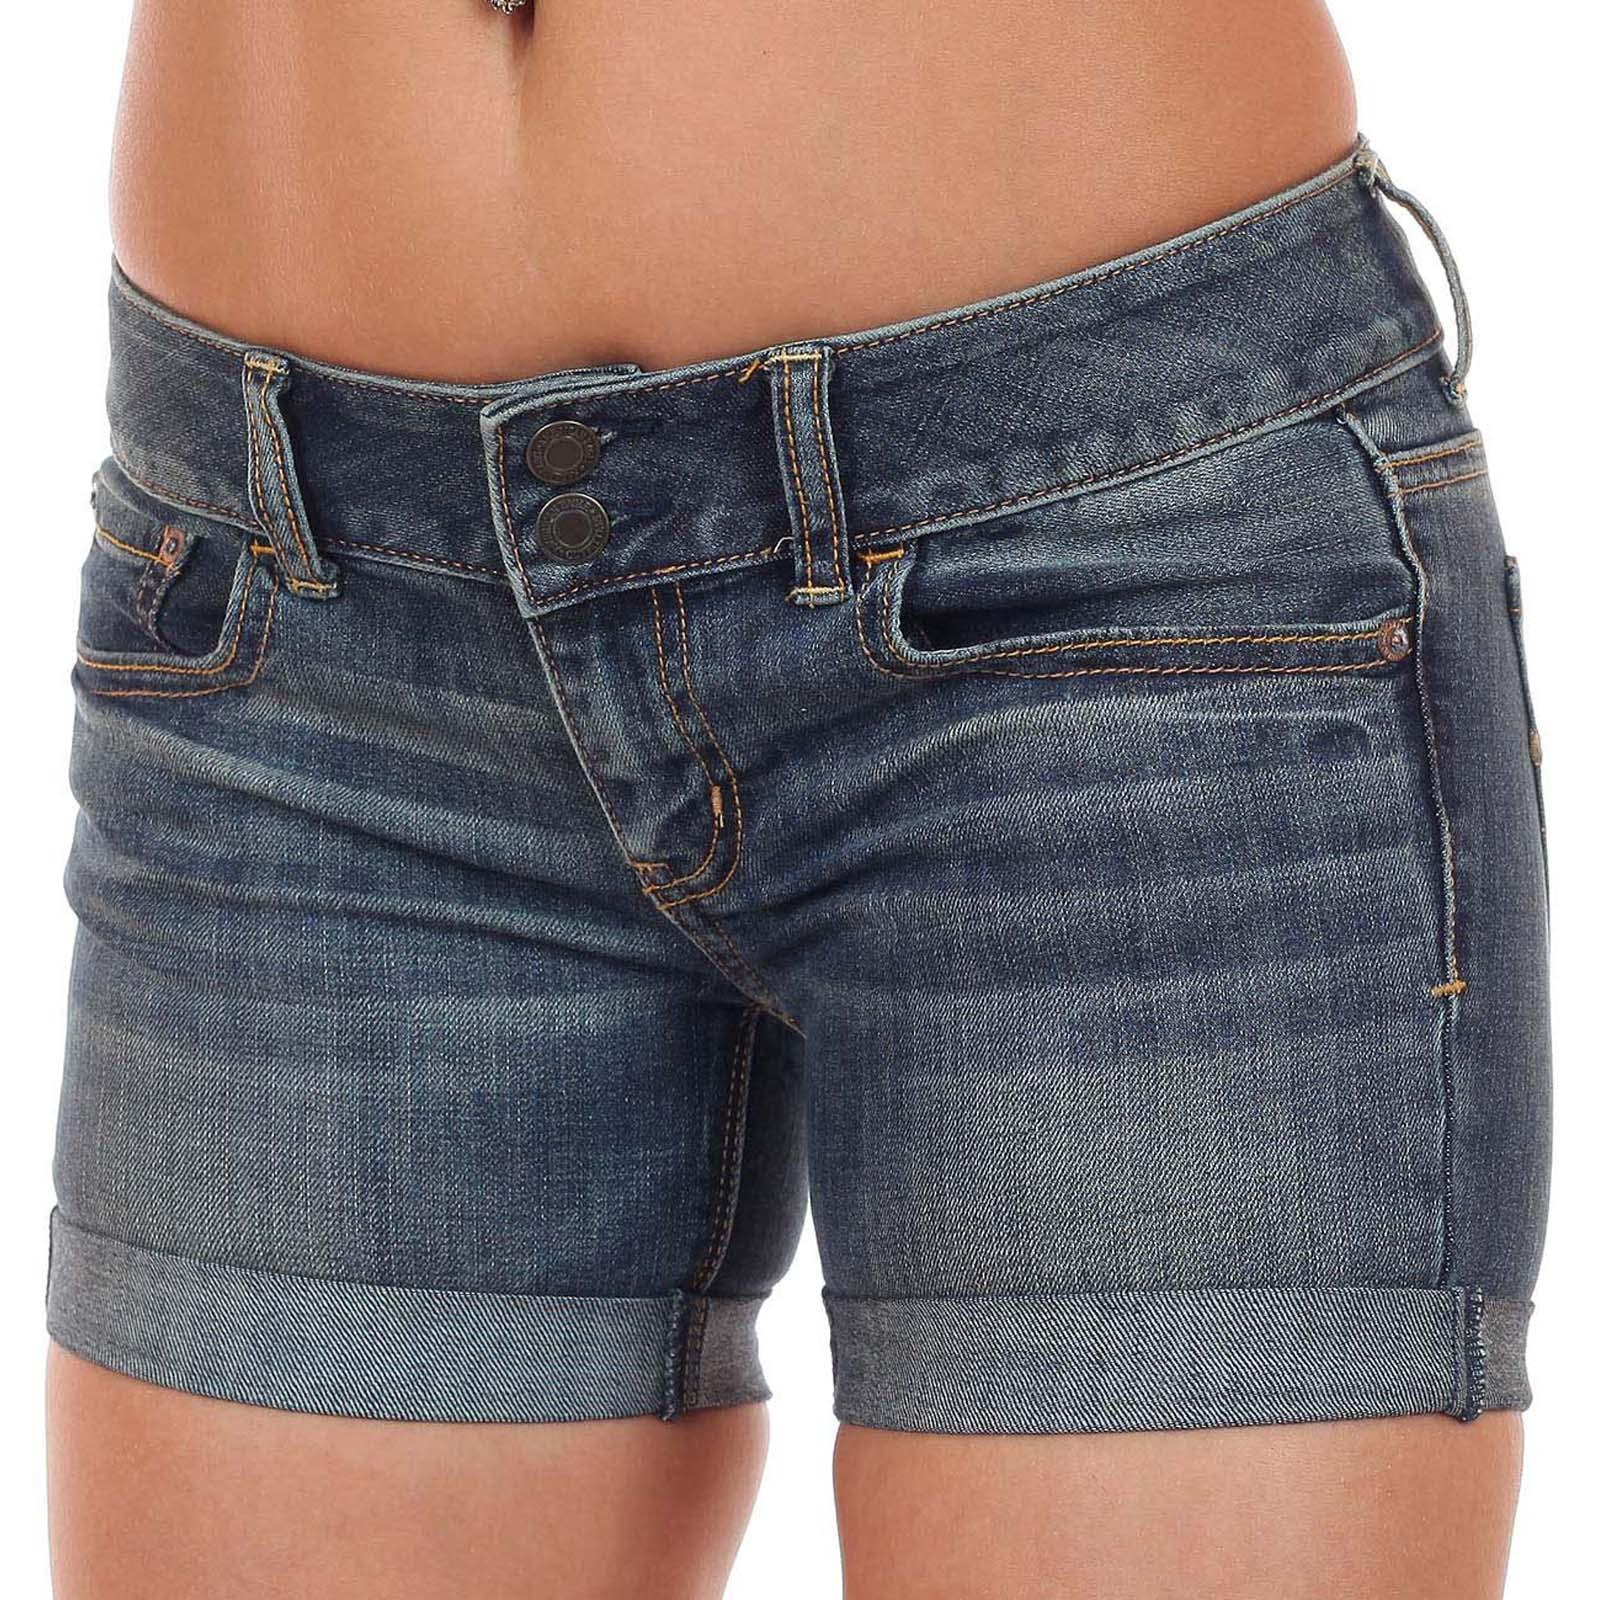 Потрясные джинсовые шорты для обольщения мужчин по лучшей цене